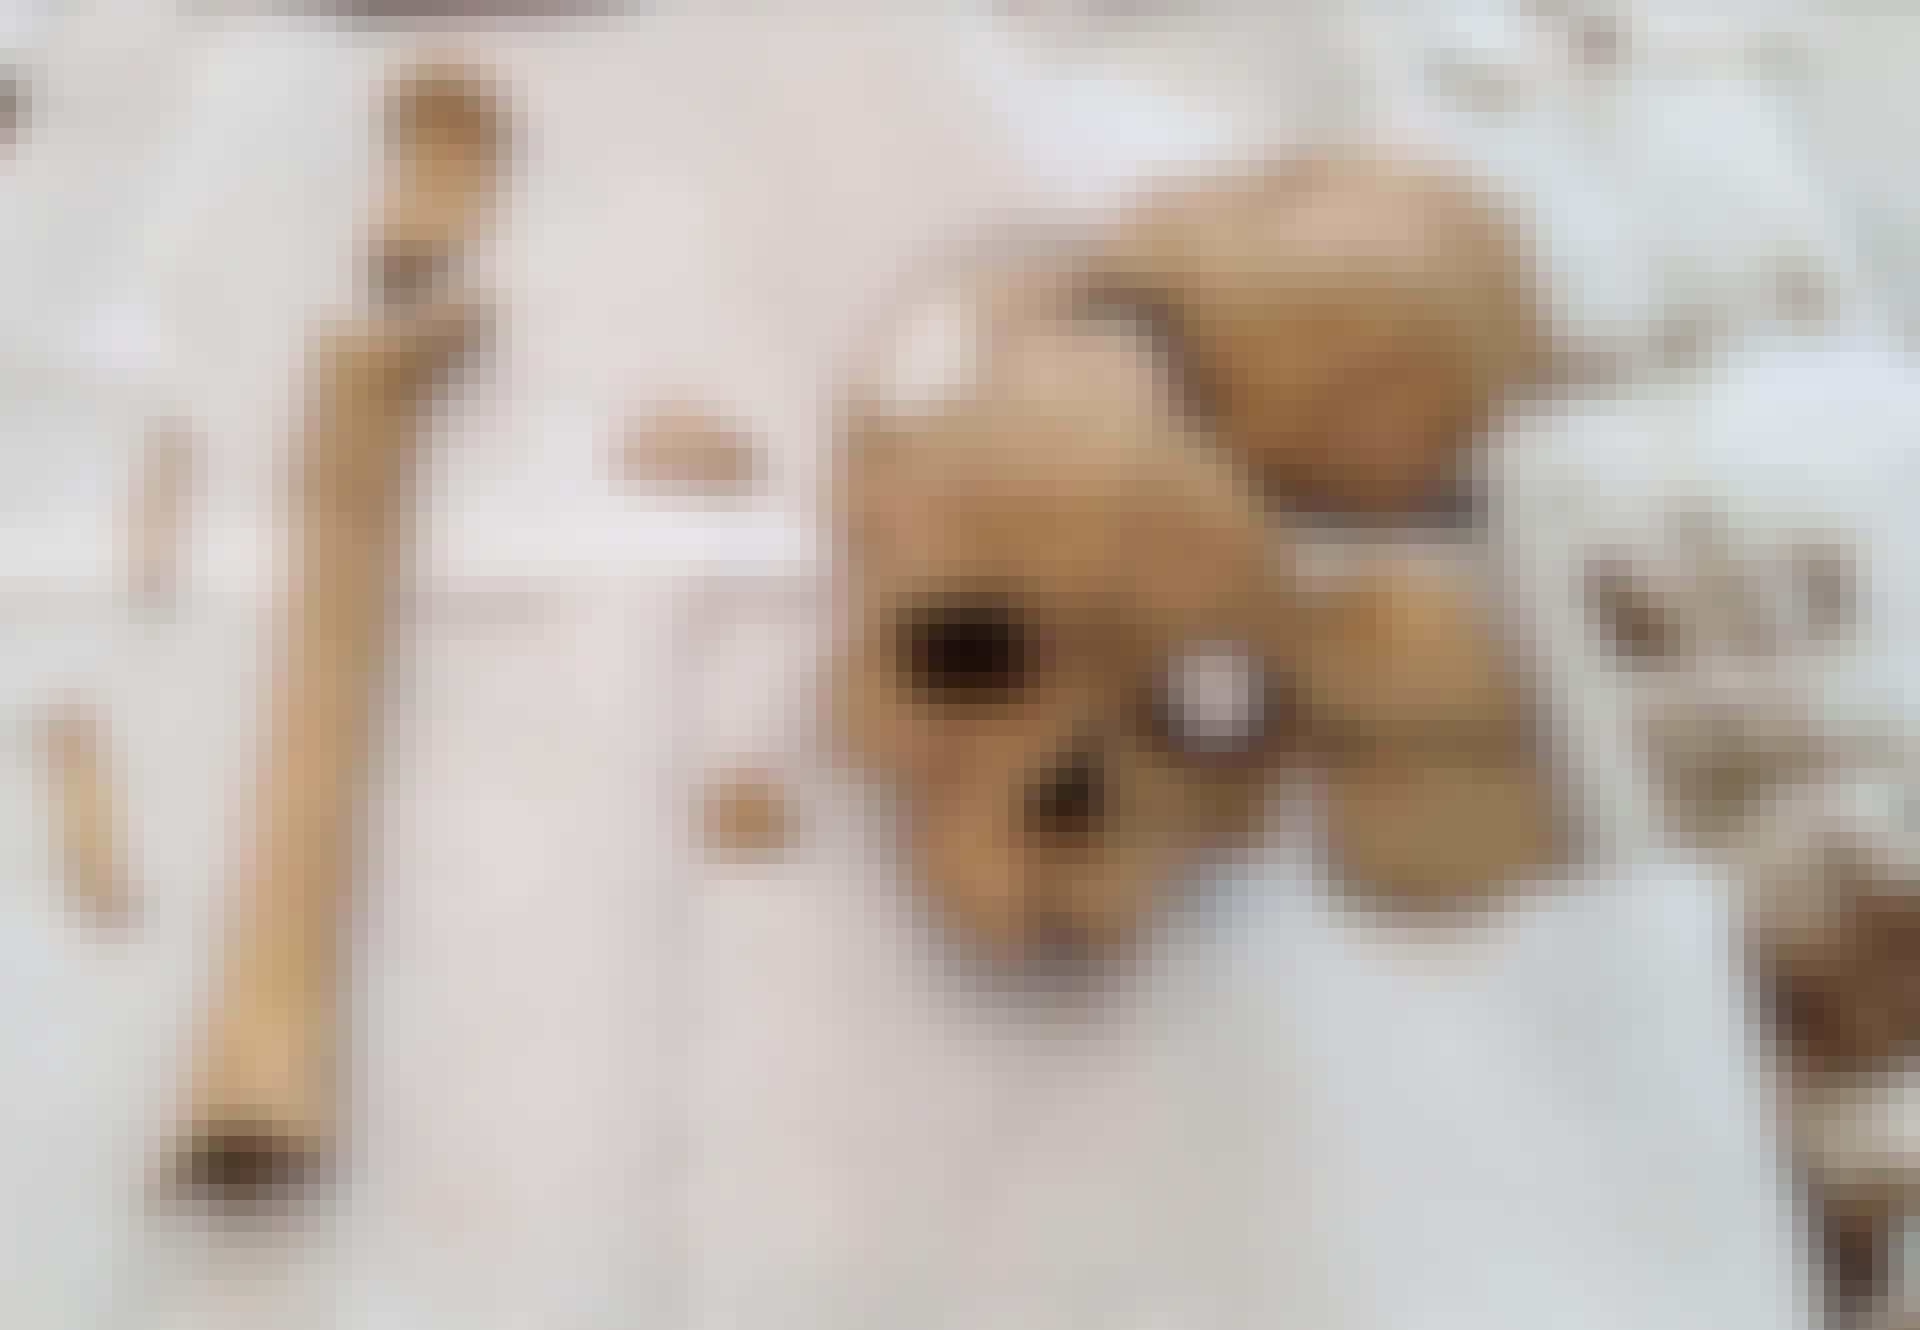 Hittitter skelet udgravning